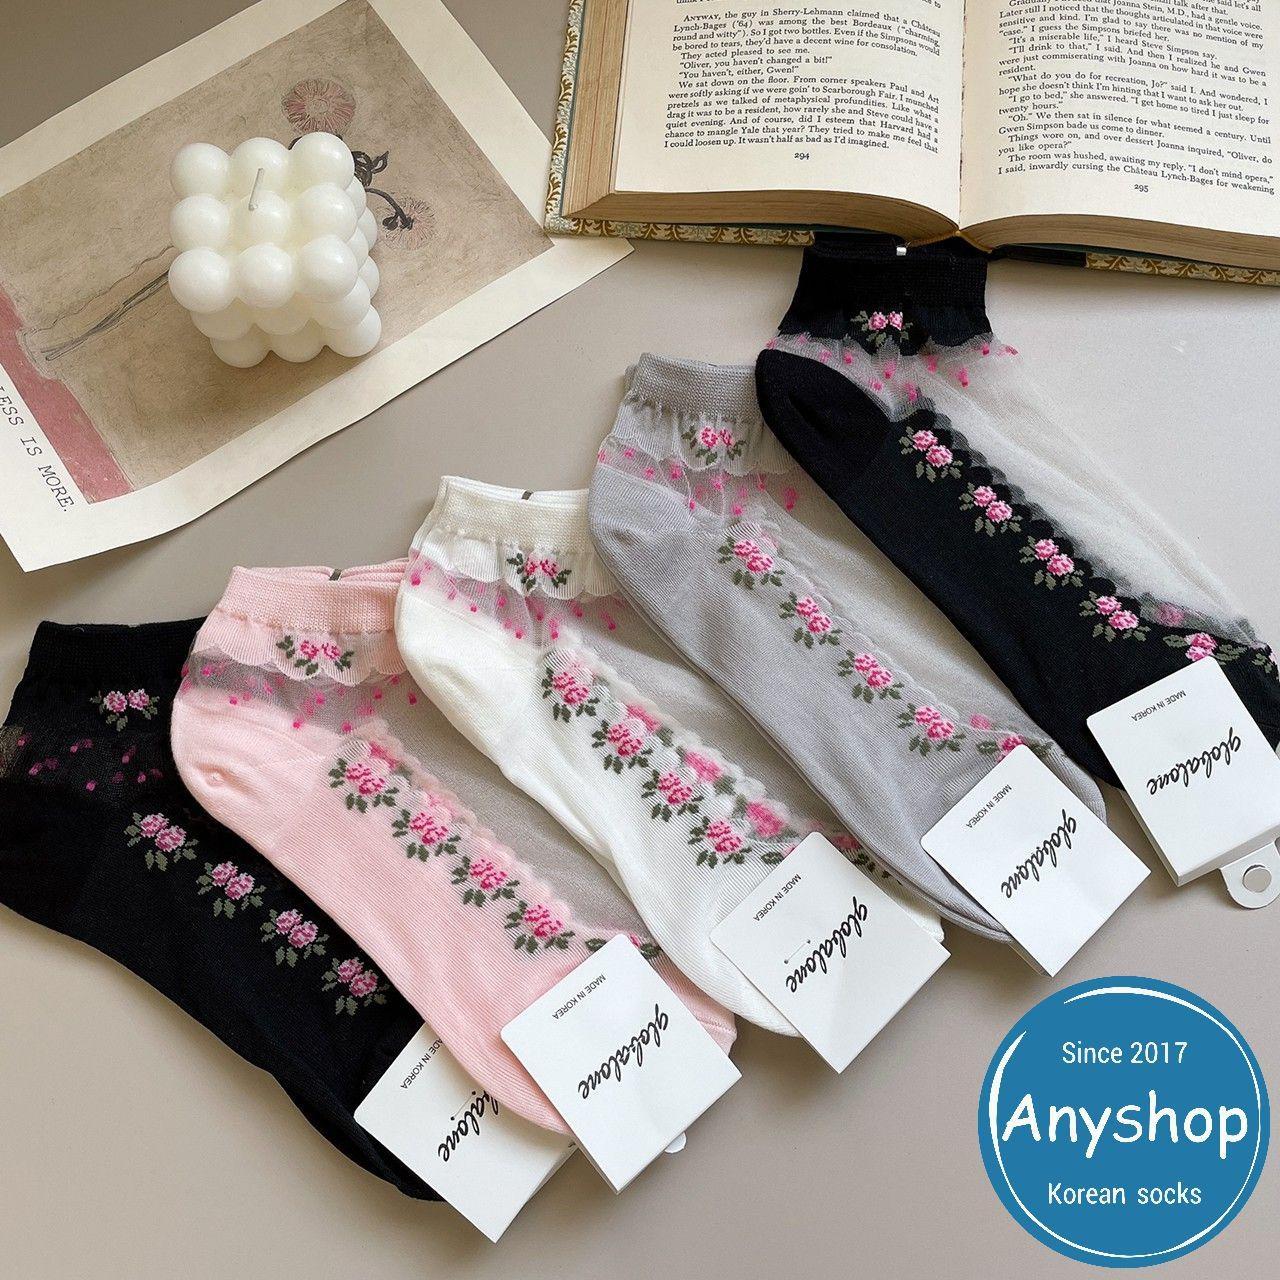 韓國襪-[Anyshop]玫瑰花透膚短襪